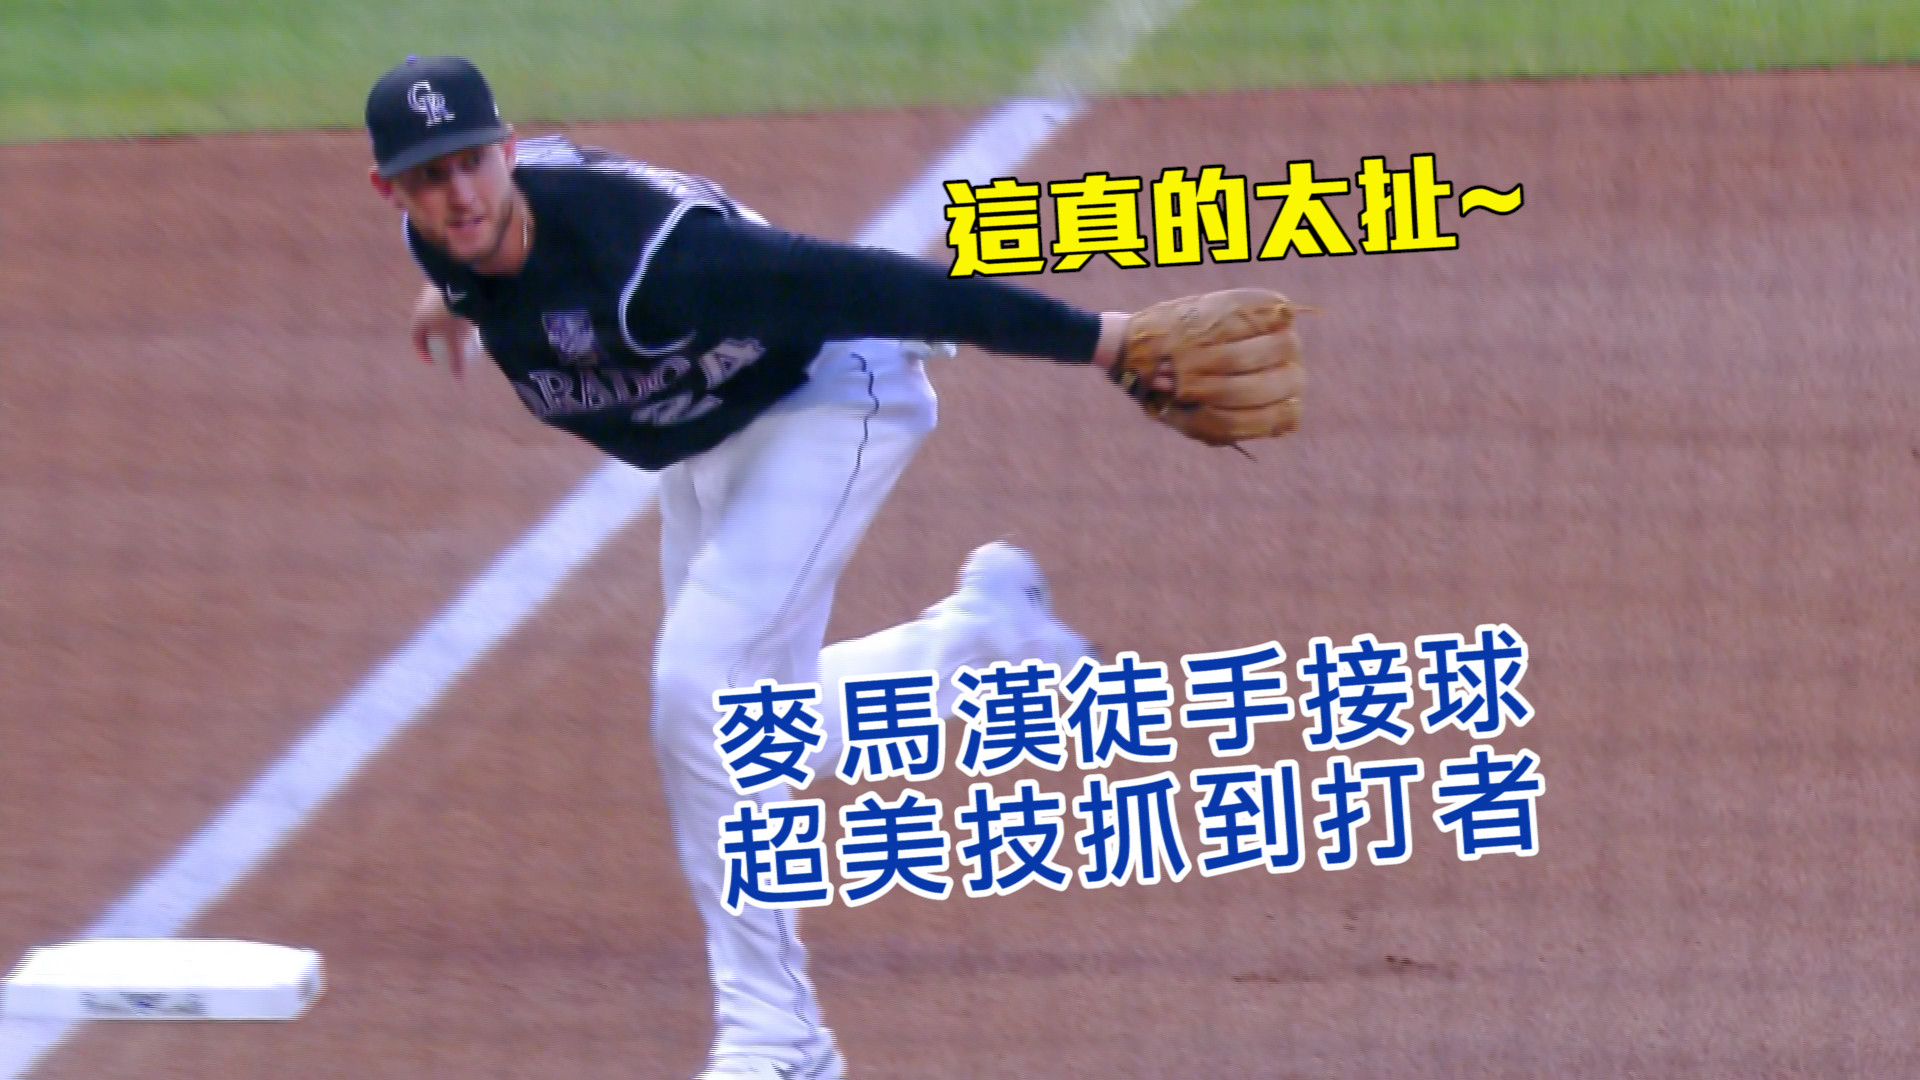 【MLB看愛爾達】MLB官方嚴選出品 每日五大精彩美技 09/05